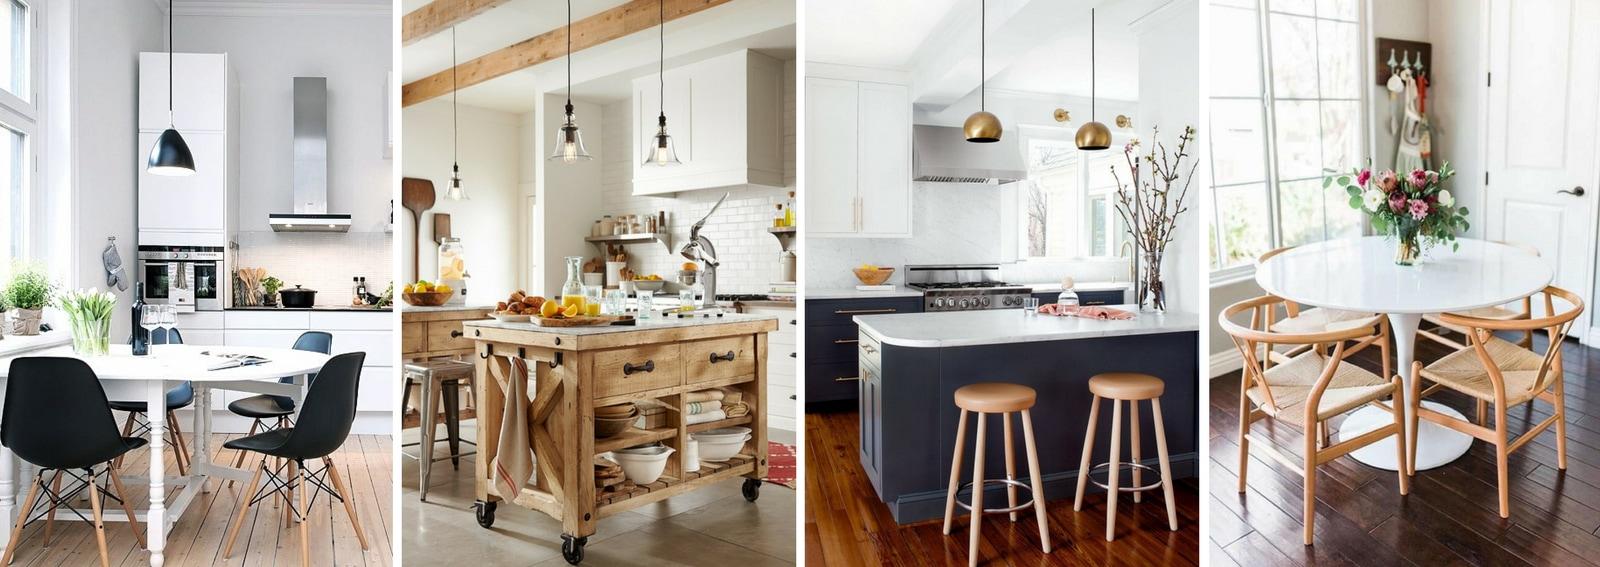 Come inserire il tavolo in una cucina piccola 10 idee da - Idee arredo cucina piccola ...